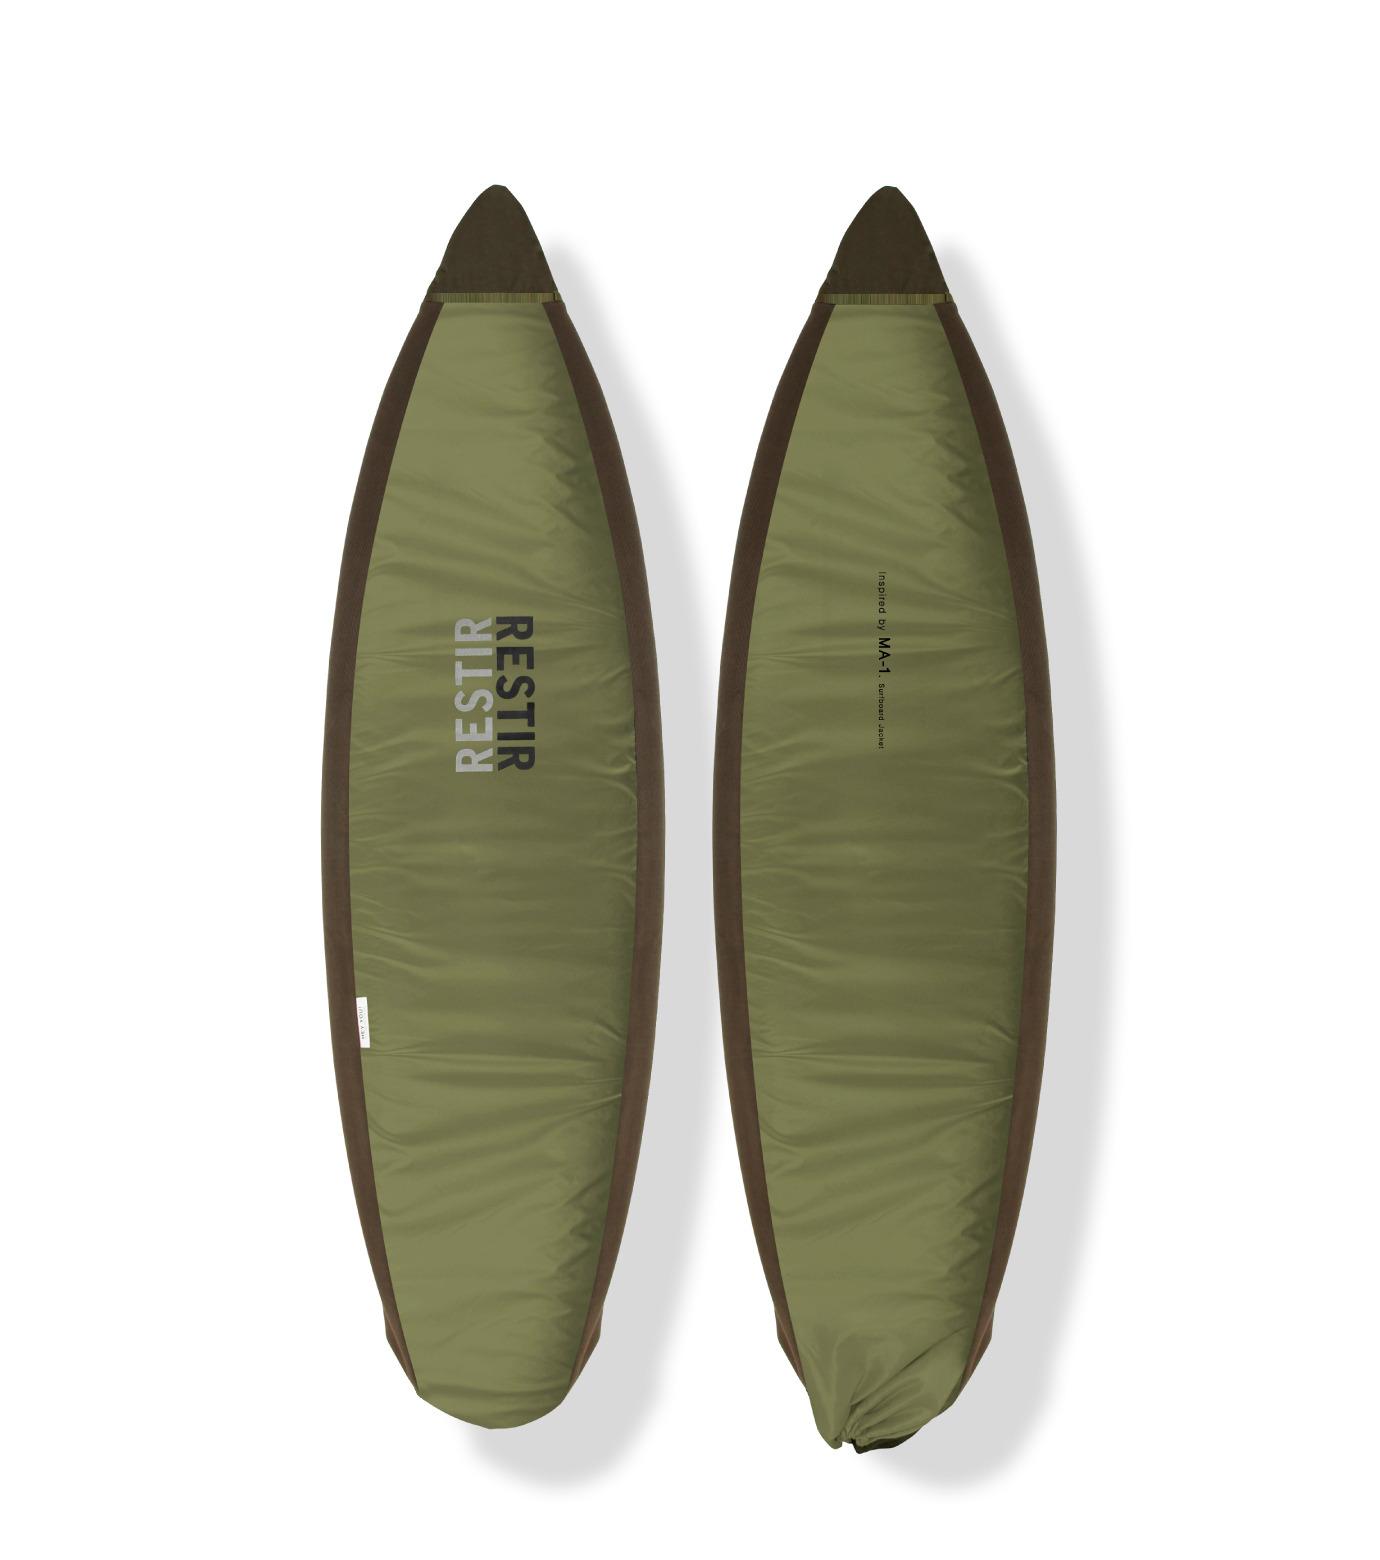 HEY YOU !(ヘイユウ)のSurfboard Jacket Short-KHAKI(サーフ/OUTDOOR/surf/OUTDOOR)-18S90007-24 拡大詳細画像1